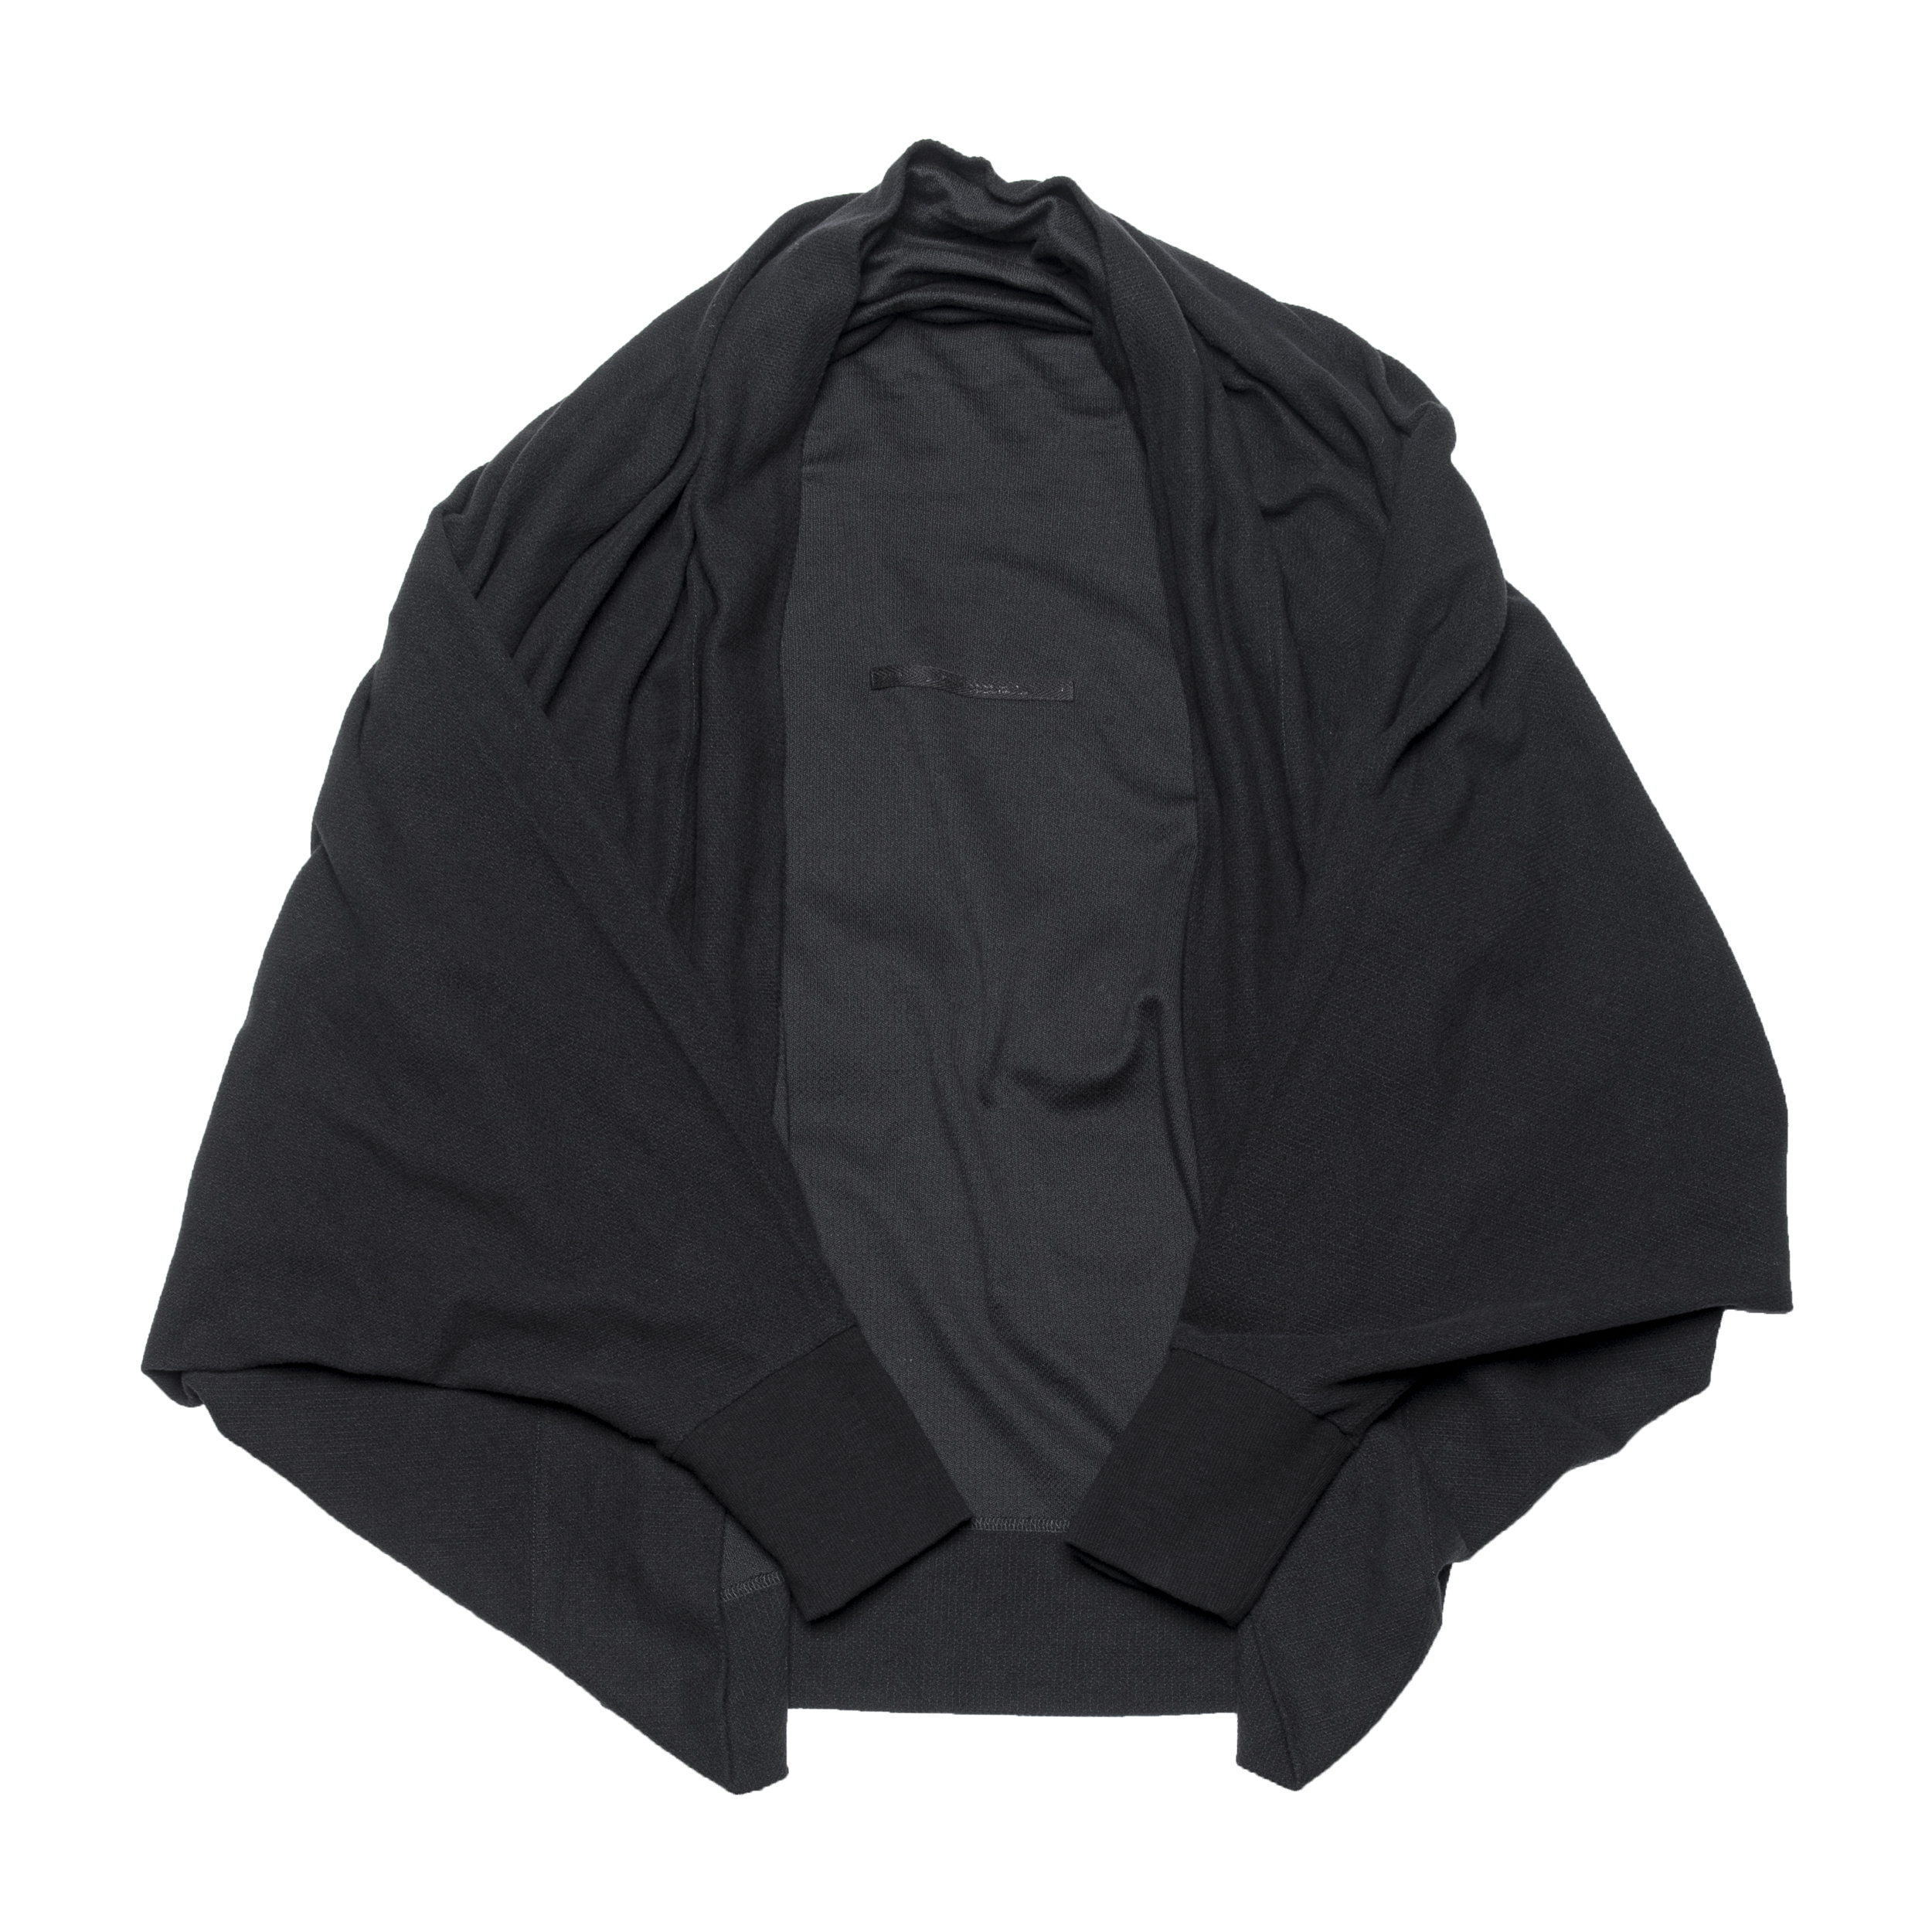 687CUM4-BLACK / コクーンカーディガン